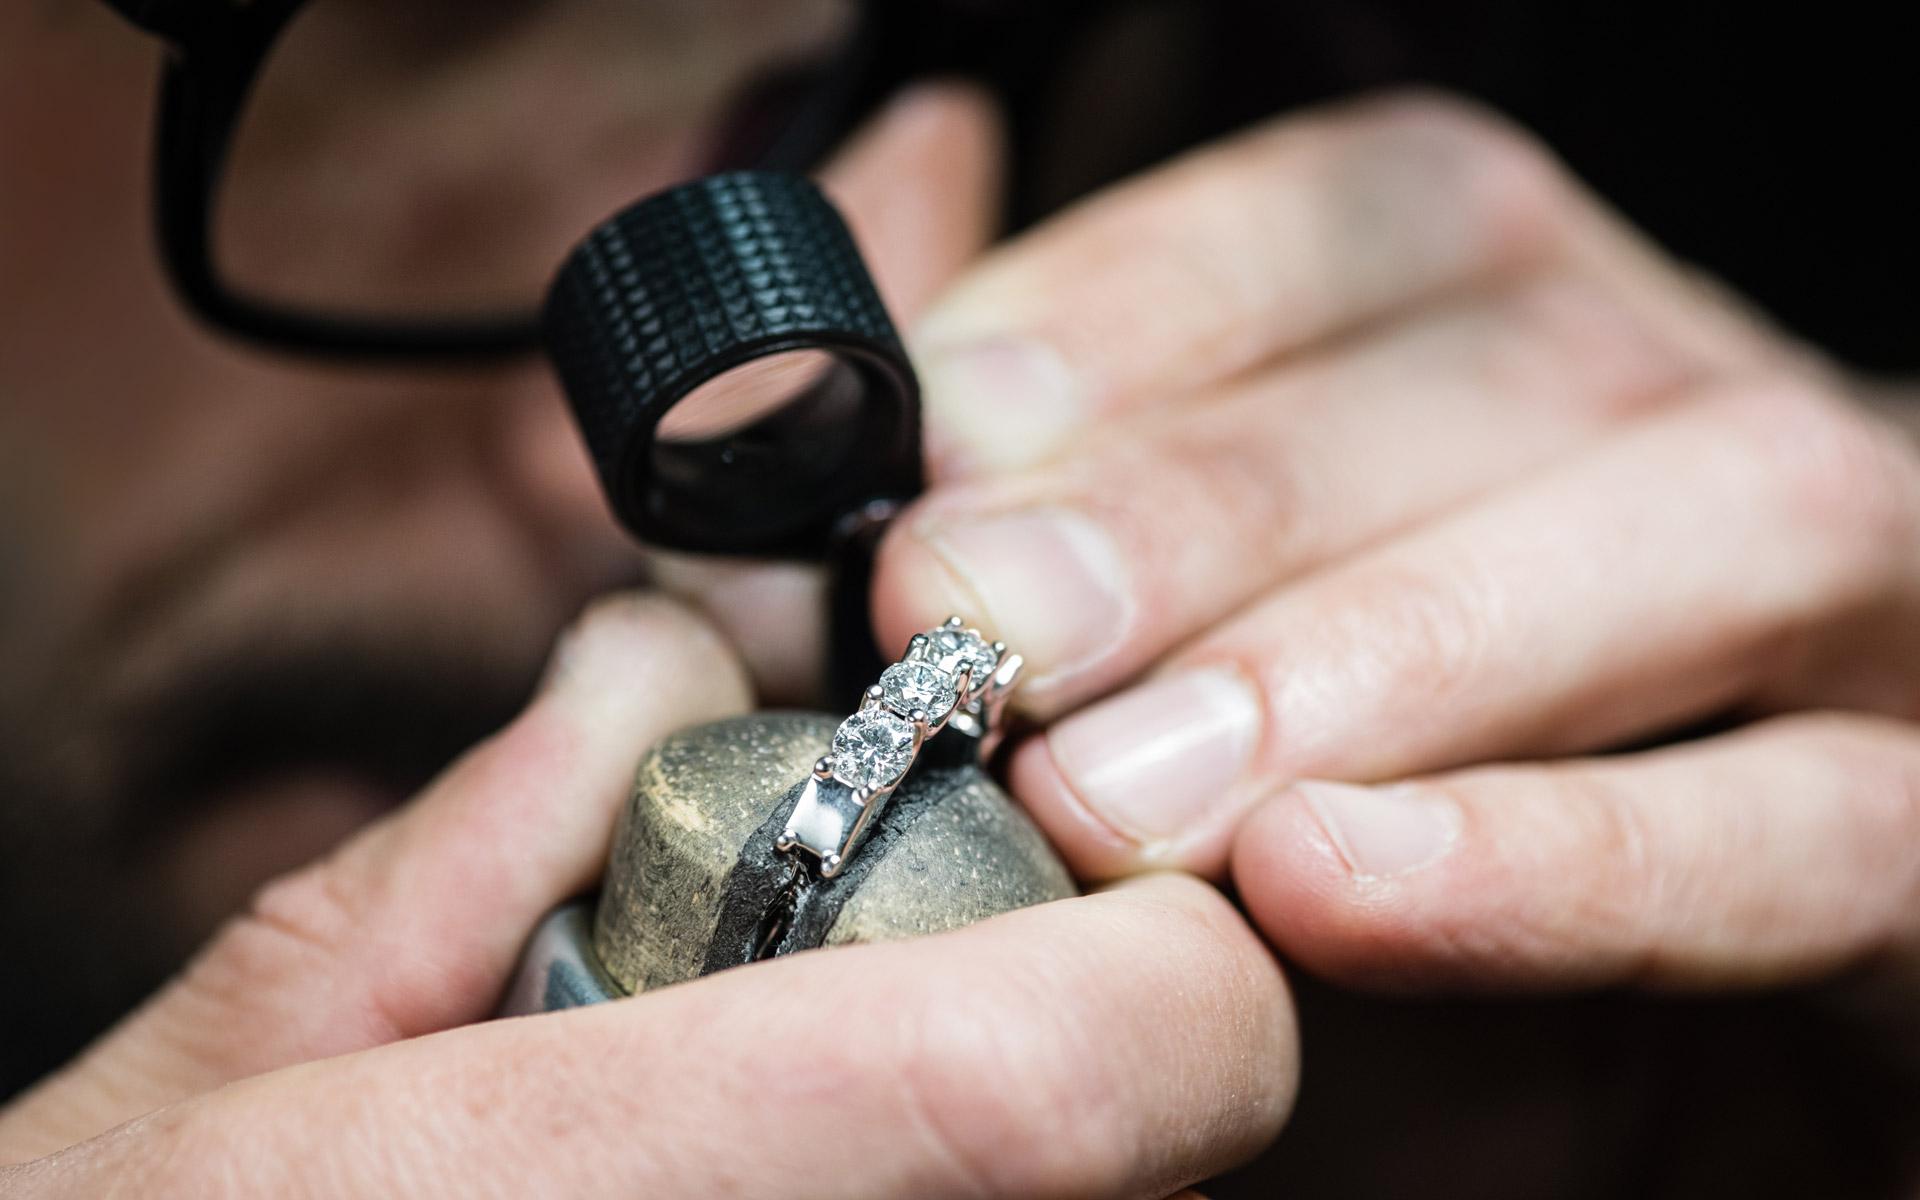 Gioielli e Orologi di alta qualità - Casavola Gioielleria Noci